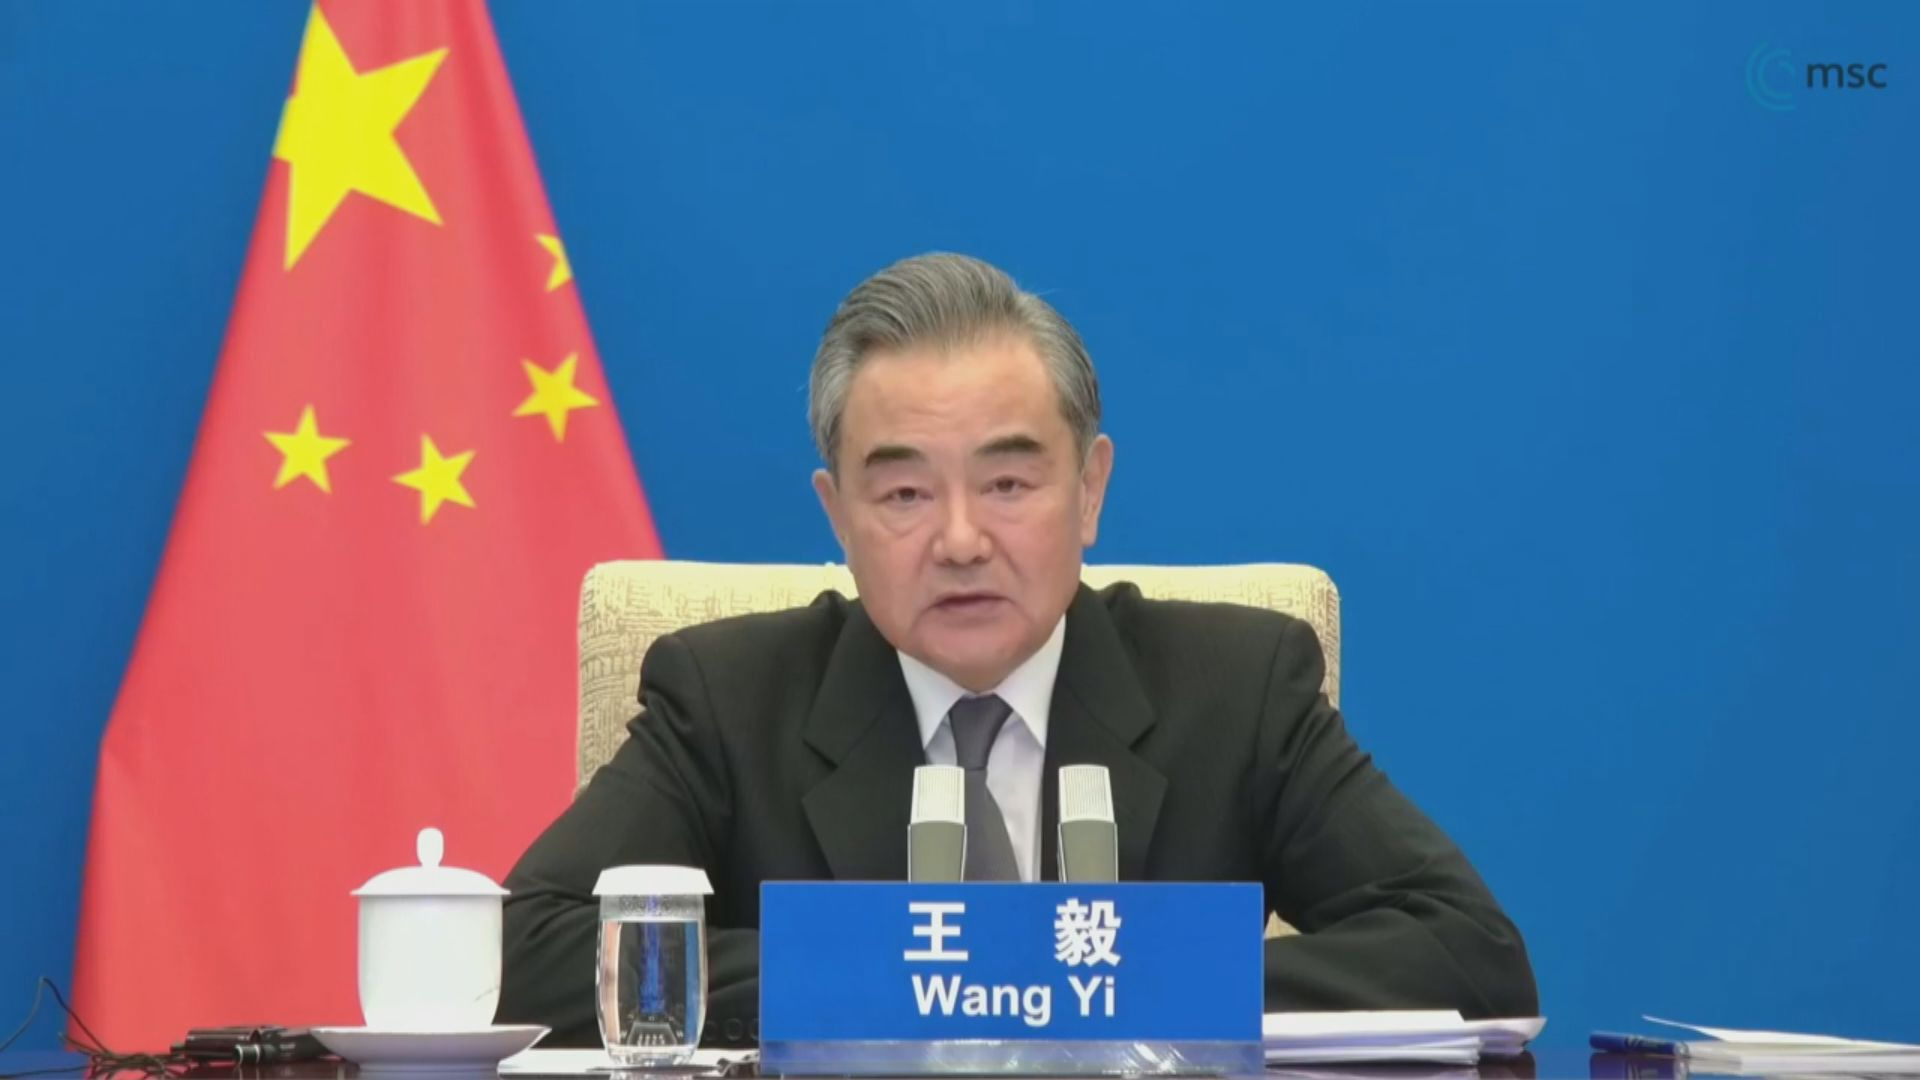 王毅:中國一直視歐盟為戰略合作夥伴 而非競爭對手